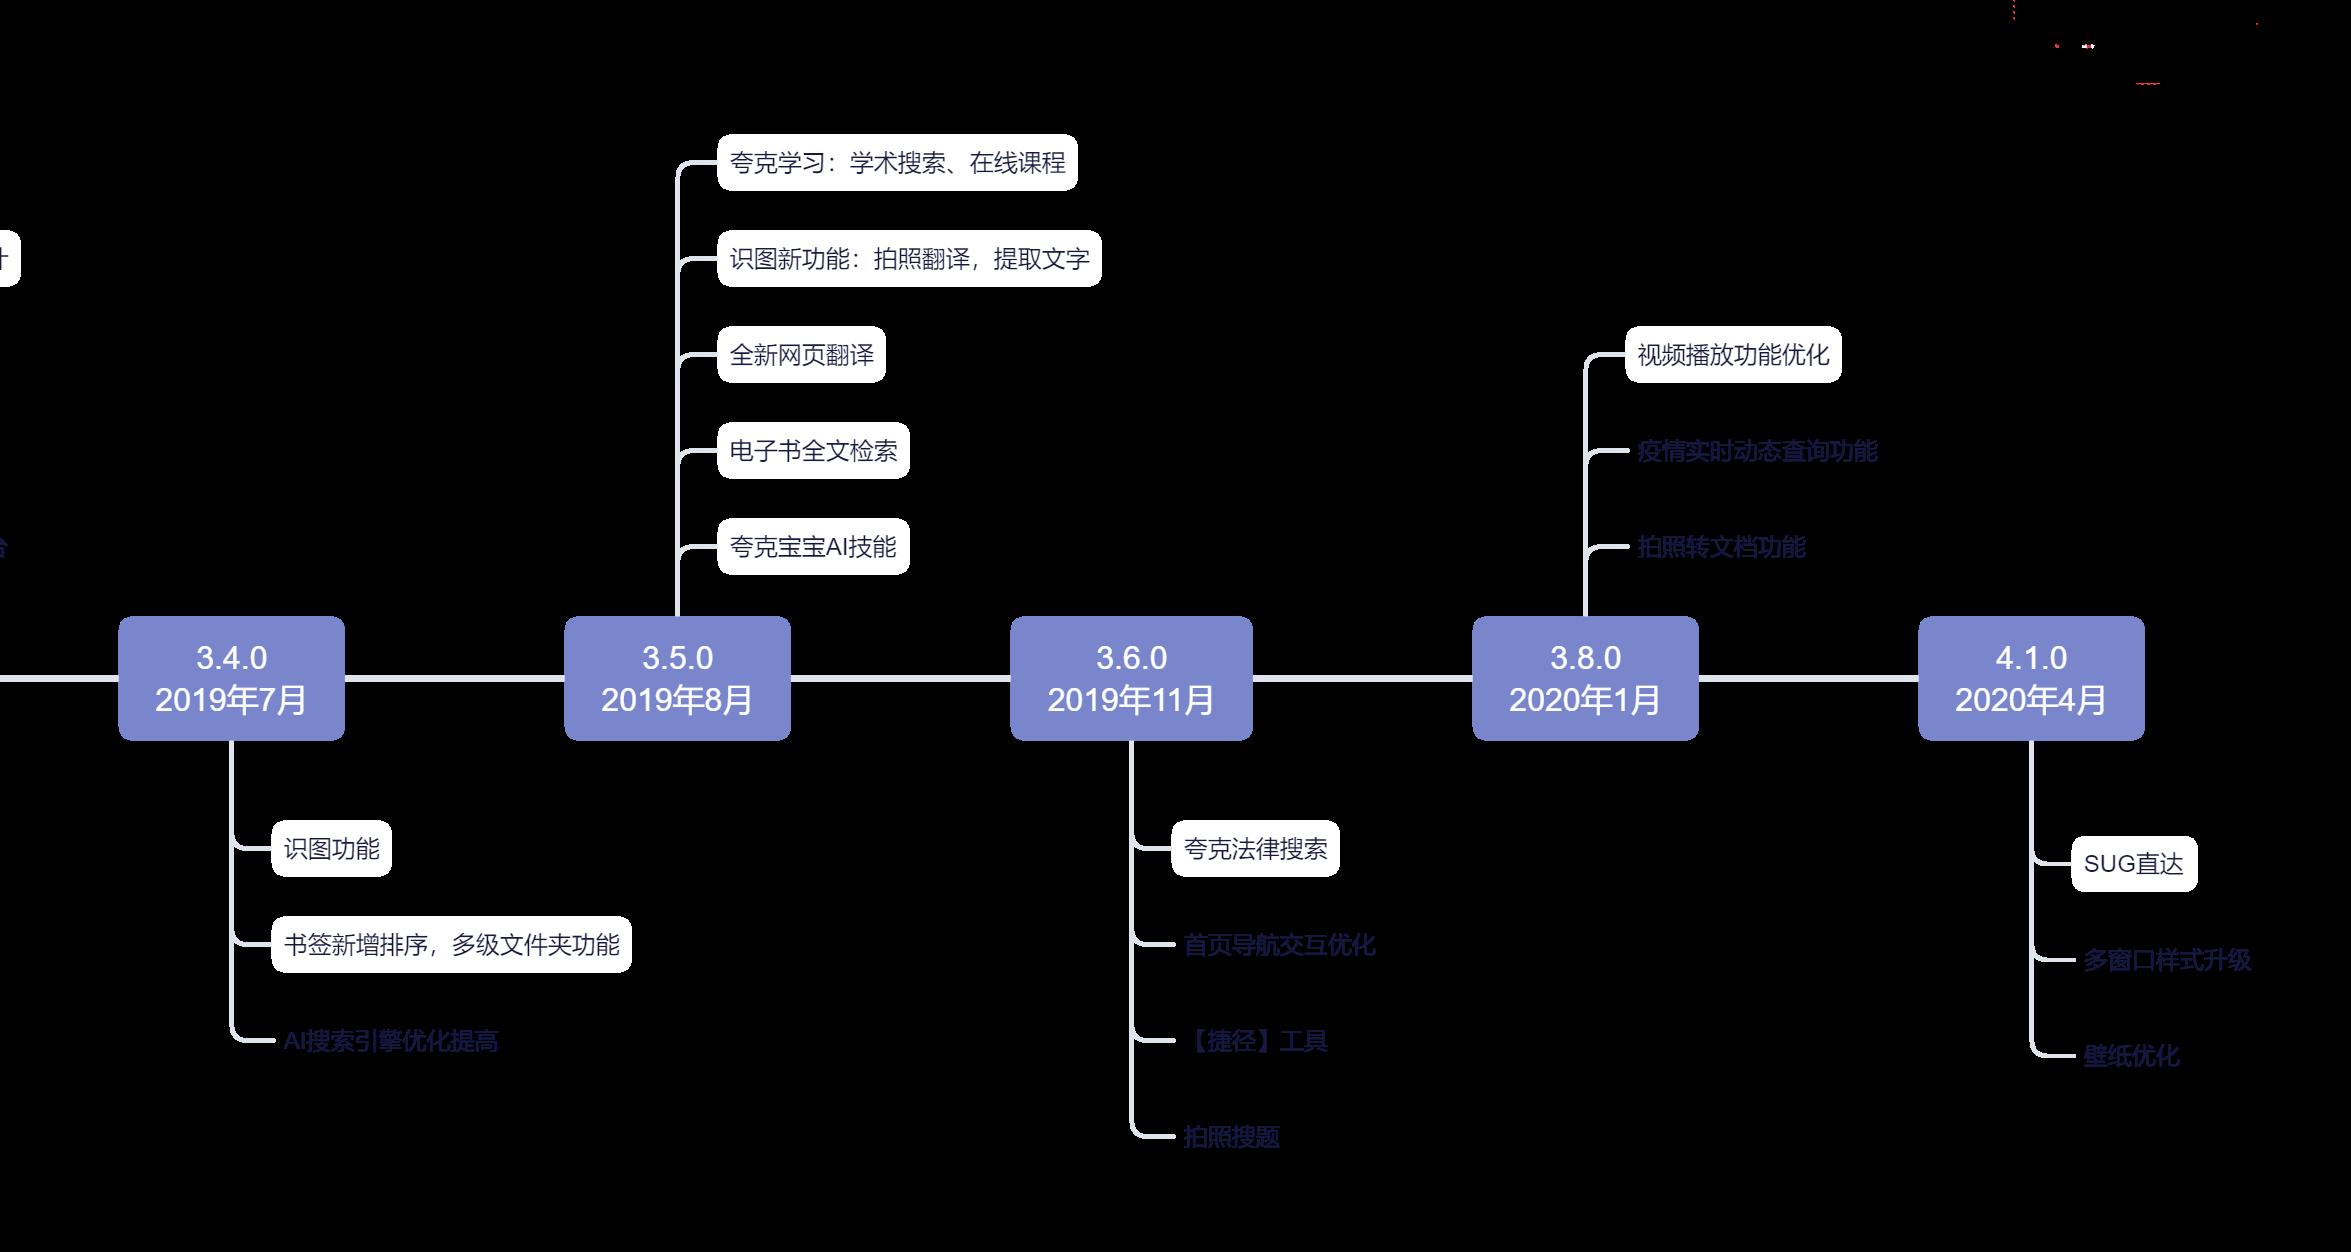 夸克产品分析报告:如何以用户为核心打造内容聚合平台插图1